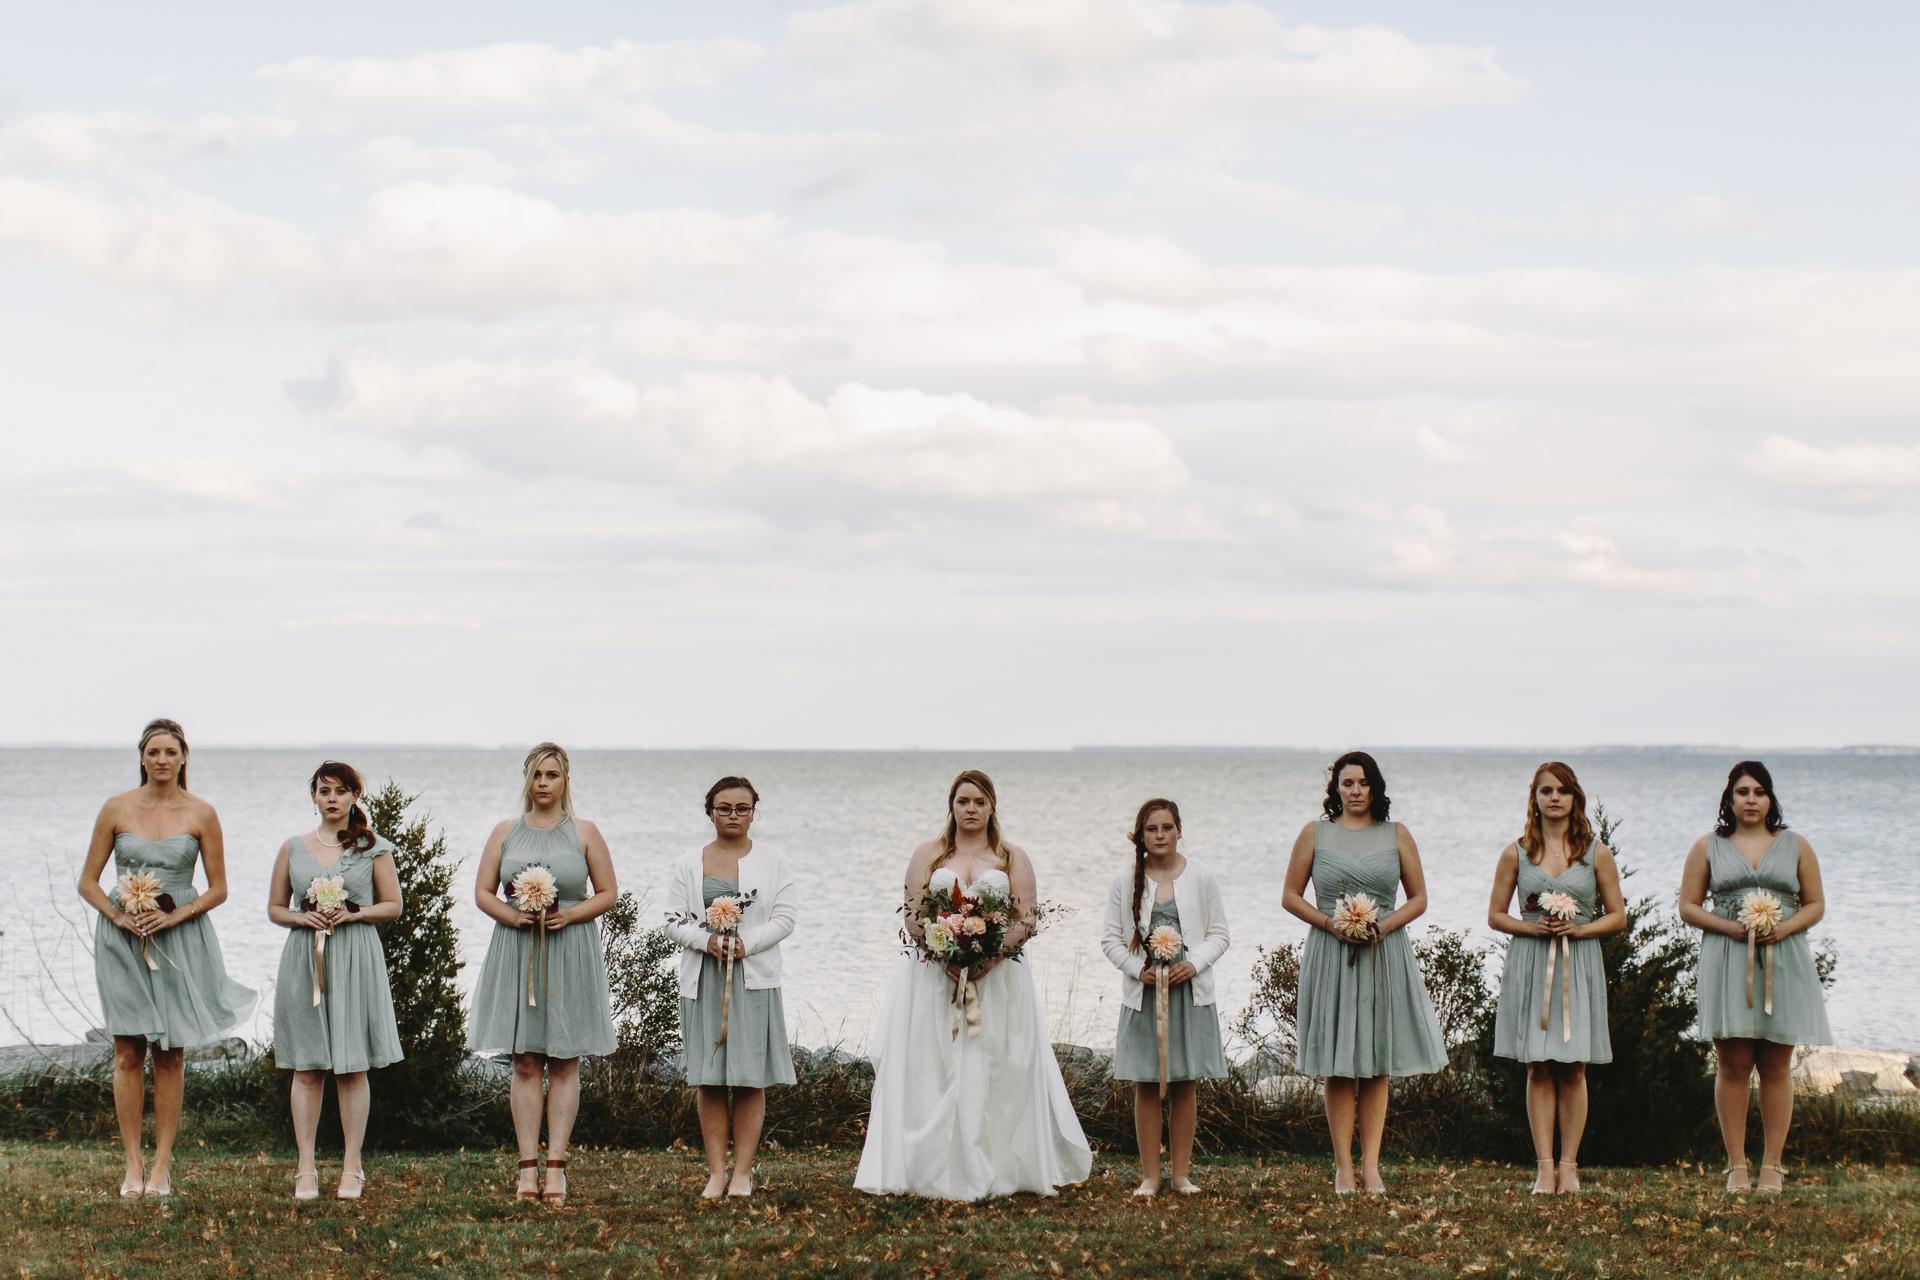 jess-hunter-tilghman-island-wedding-photographer-7914.jpg